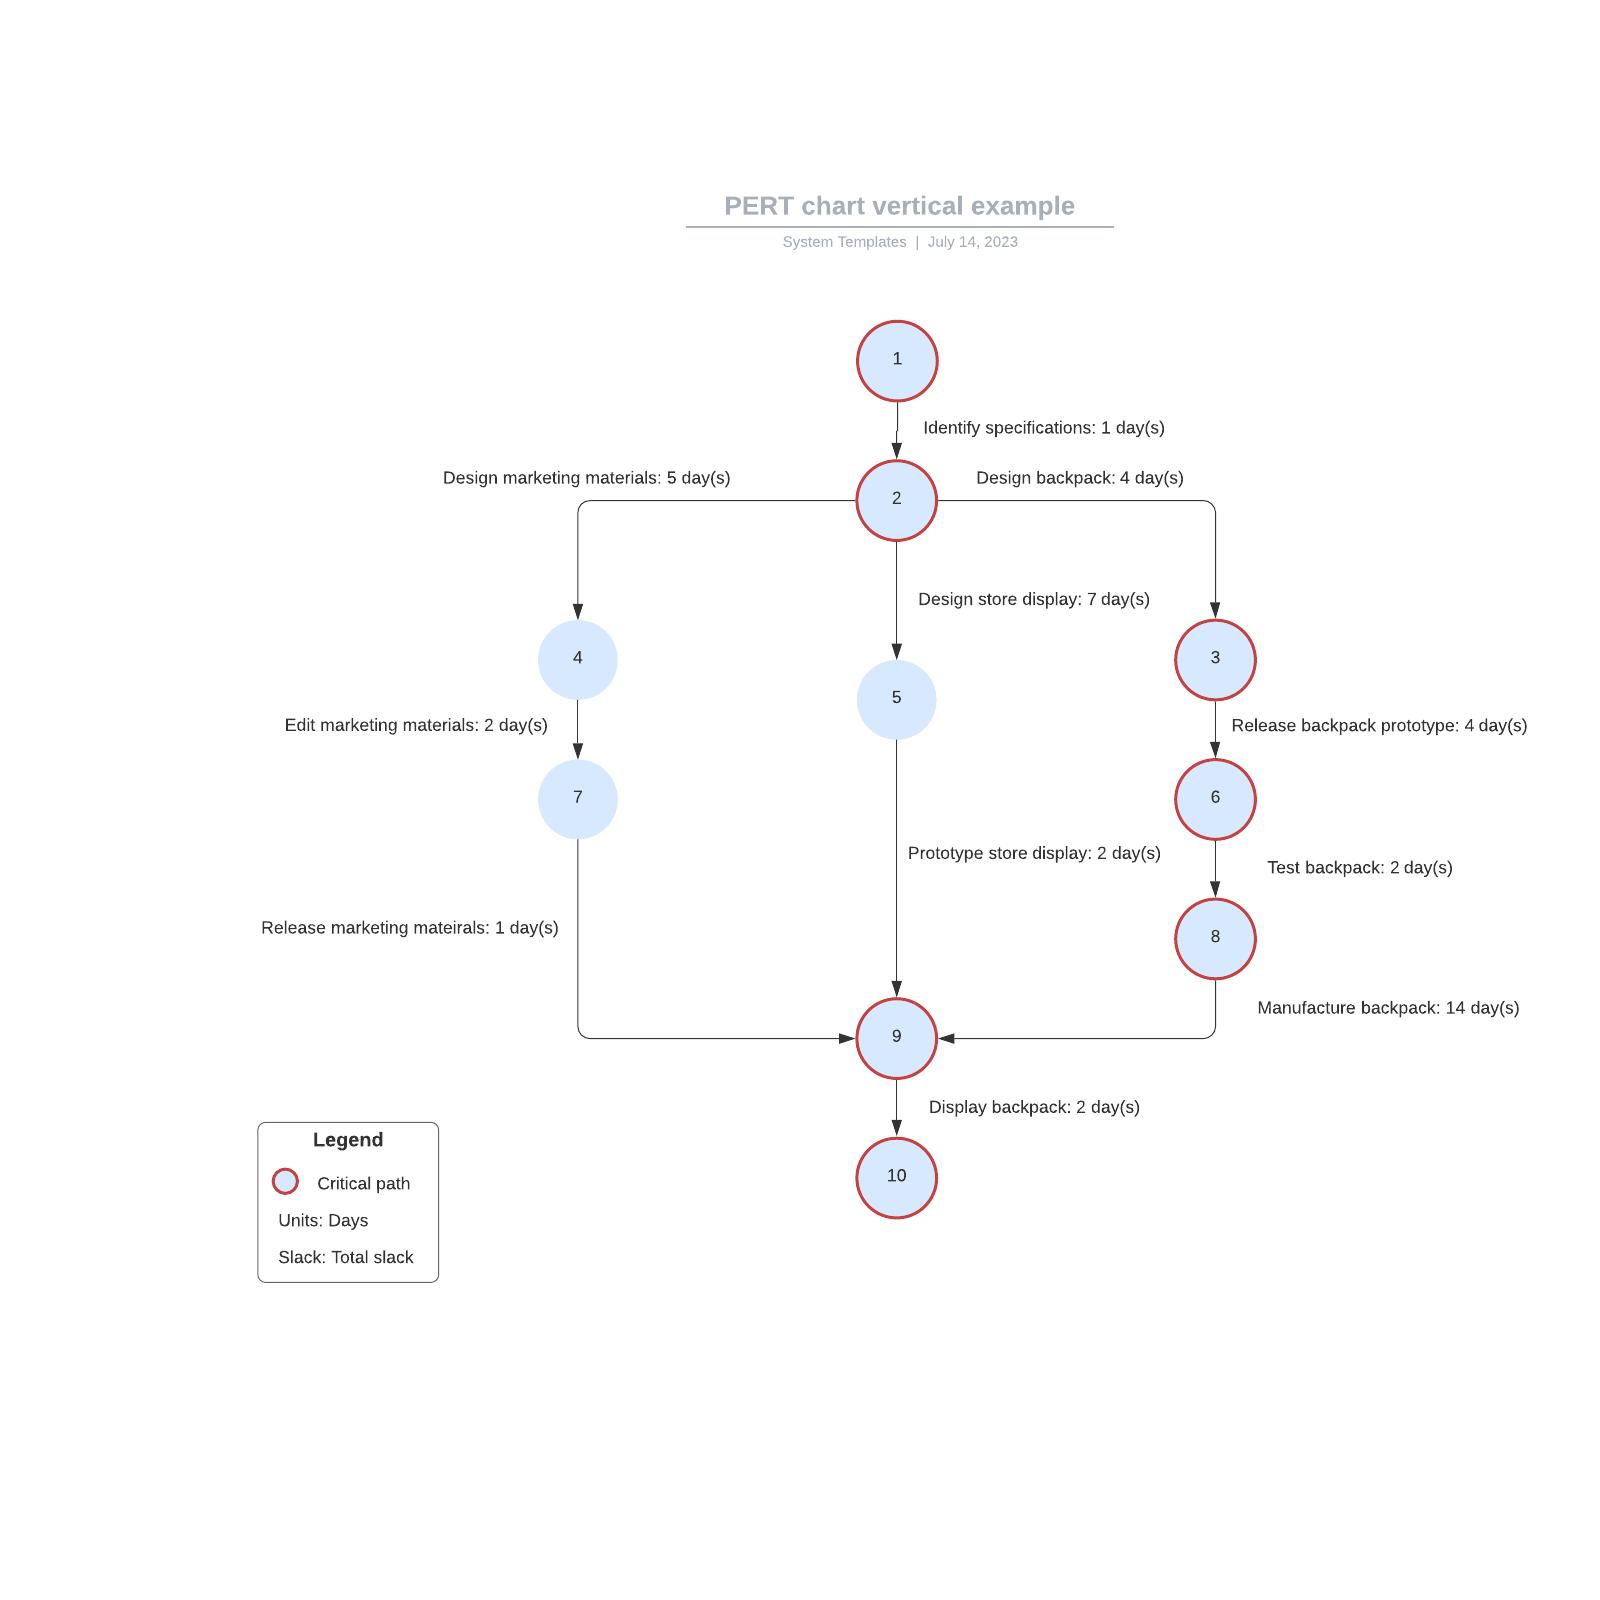 PERT chart vertical example